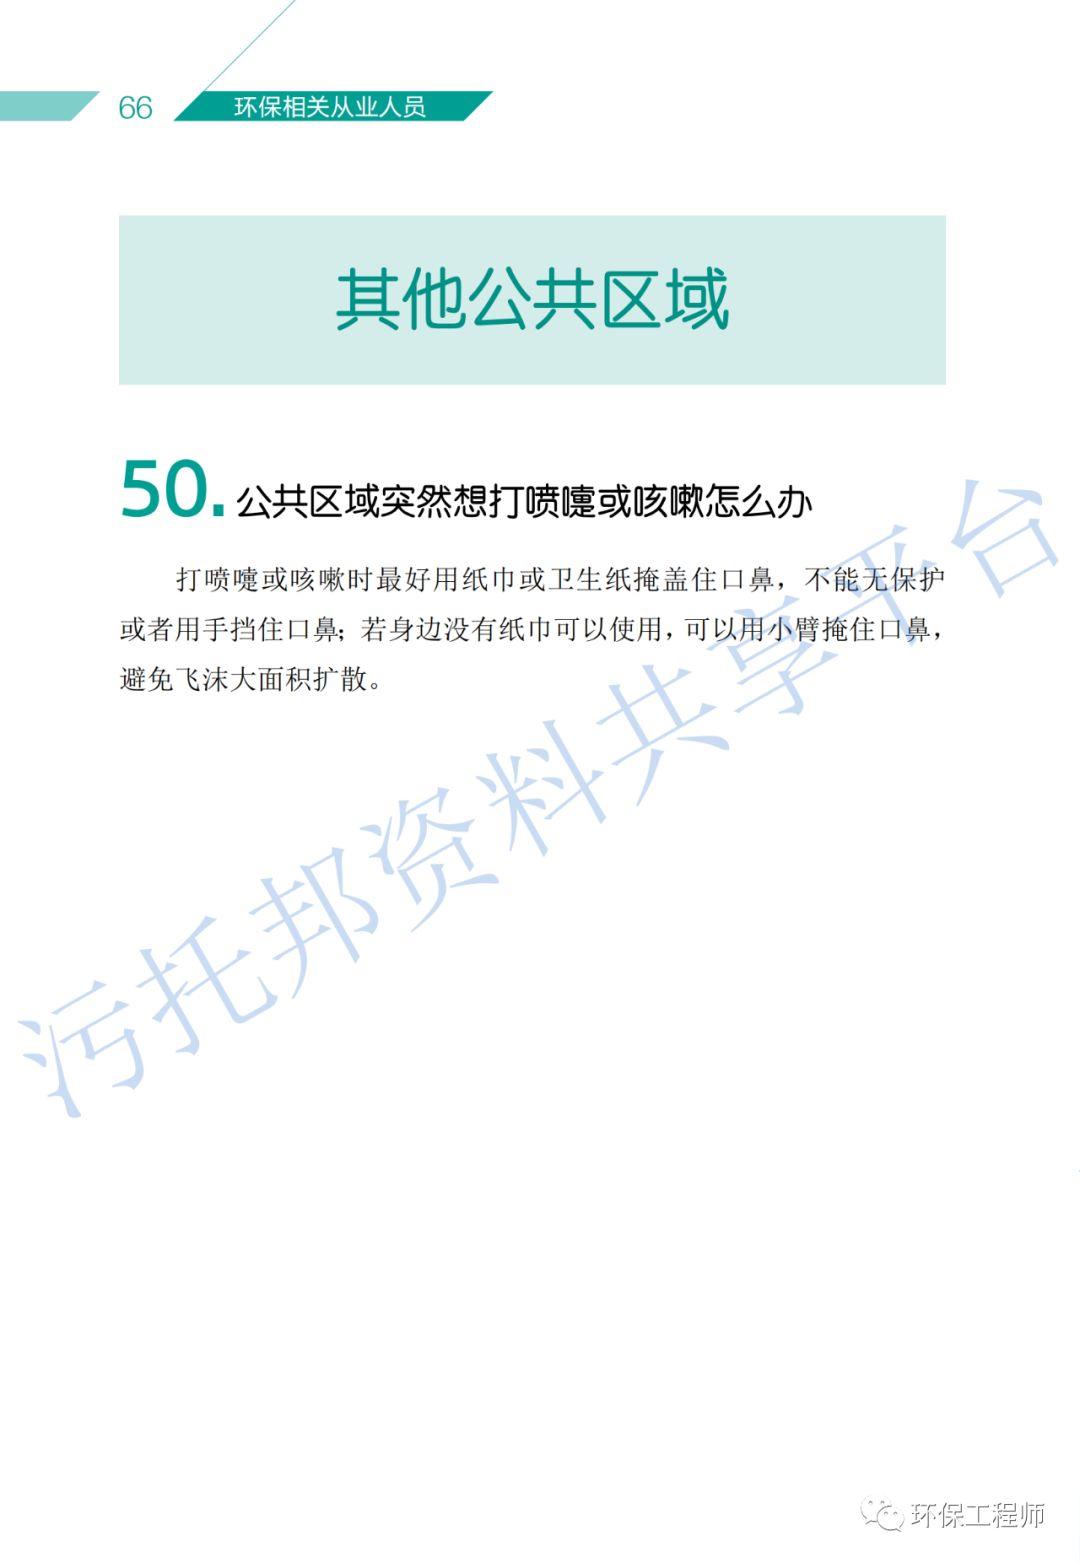 《环保从业人员新型冠状病毒疫情防护手册》_45